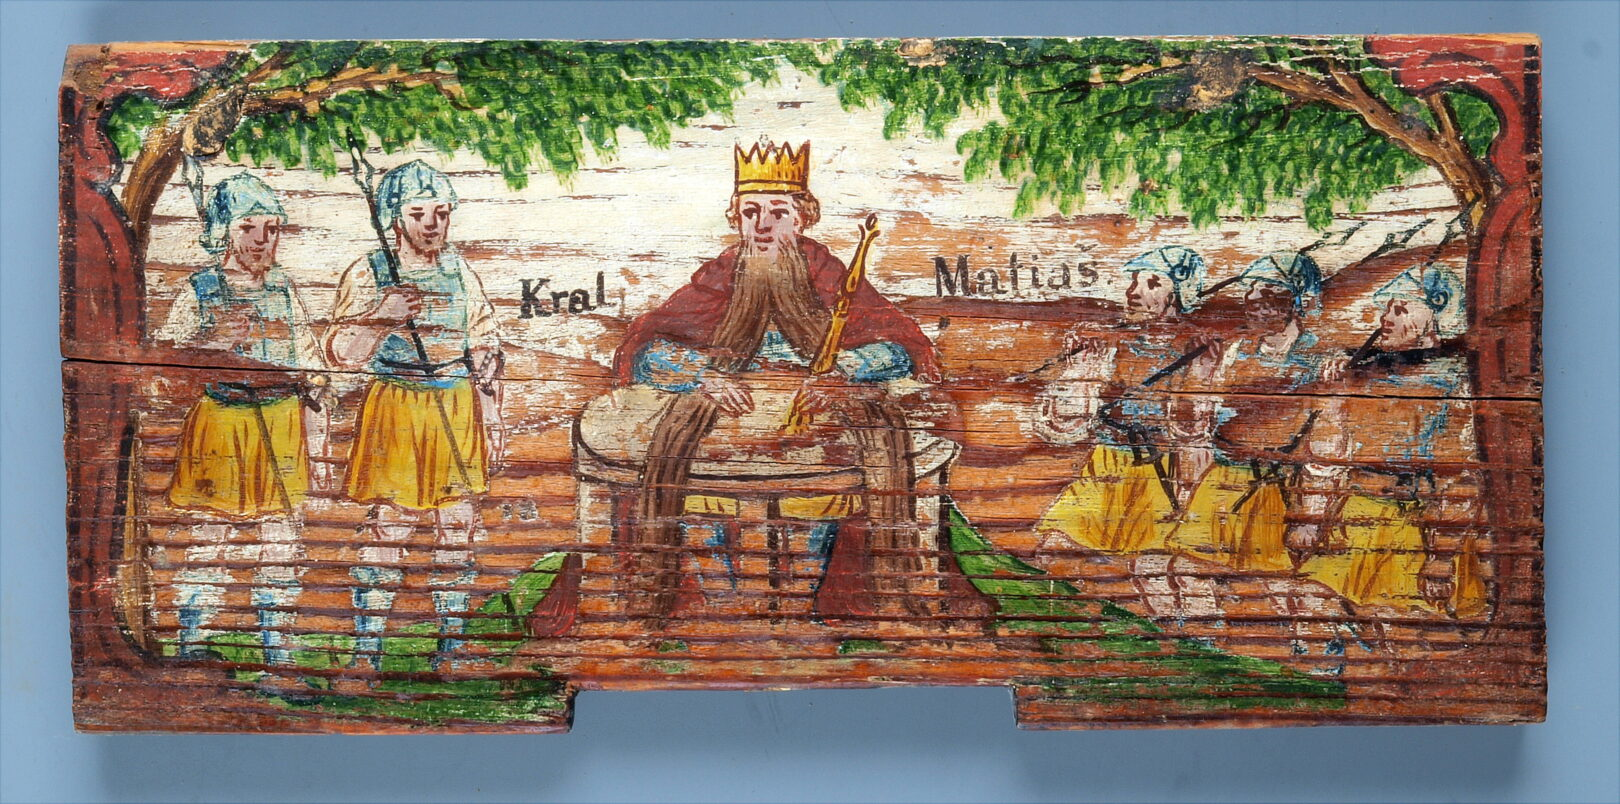 Kralj Matjaž je slovenska pravljica z globokim sporočilom. Le kdaj se bo Matjažu brata devetkrat zavila okoli mize?